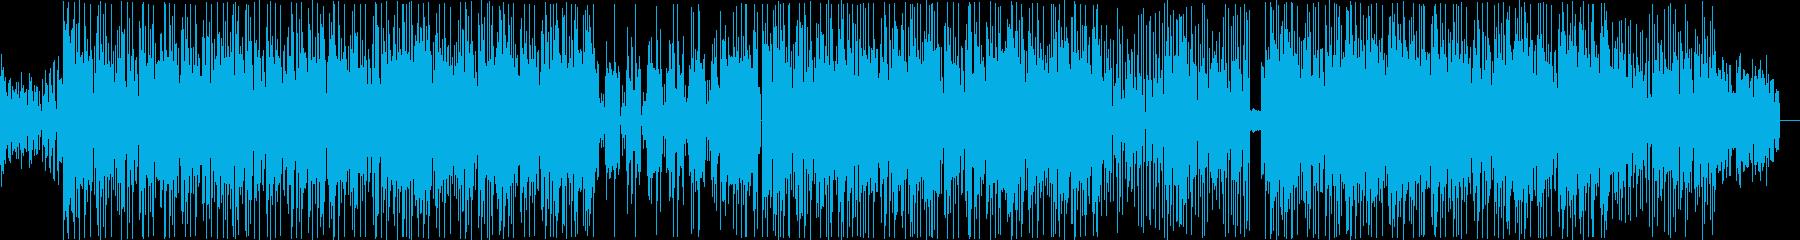 ファンク系ビートの再生済みの波形